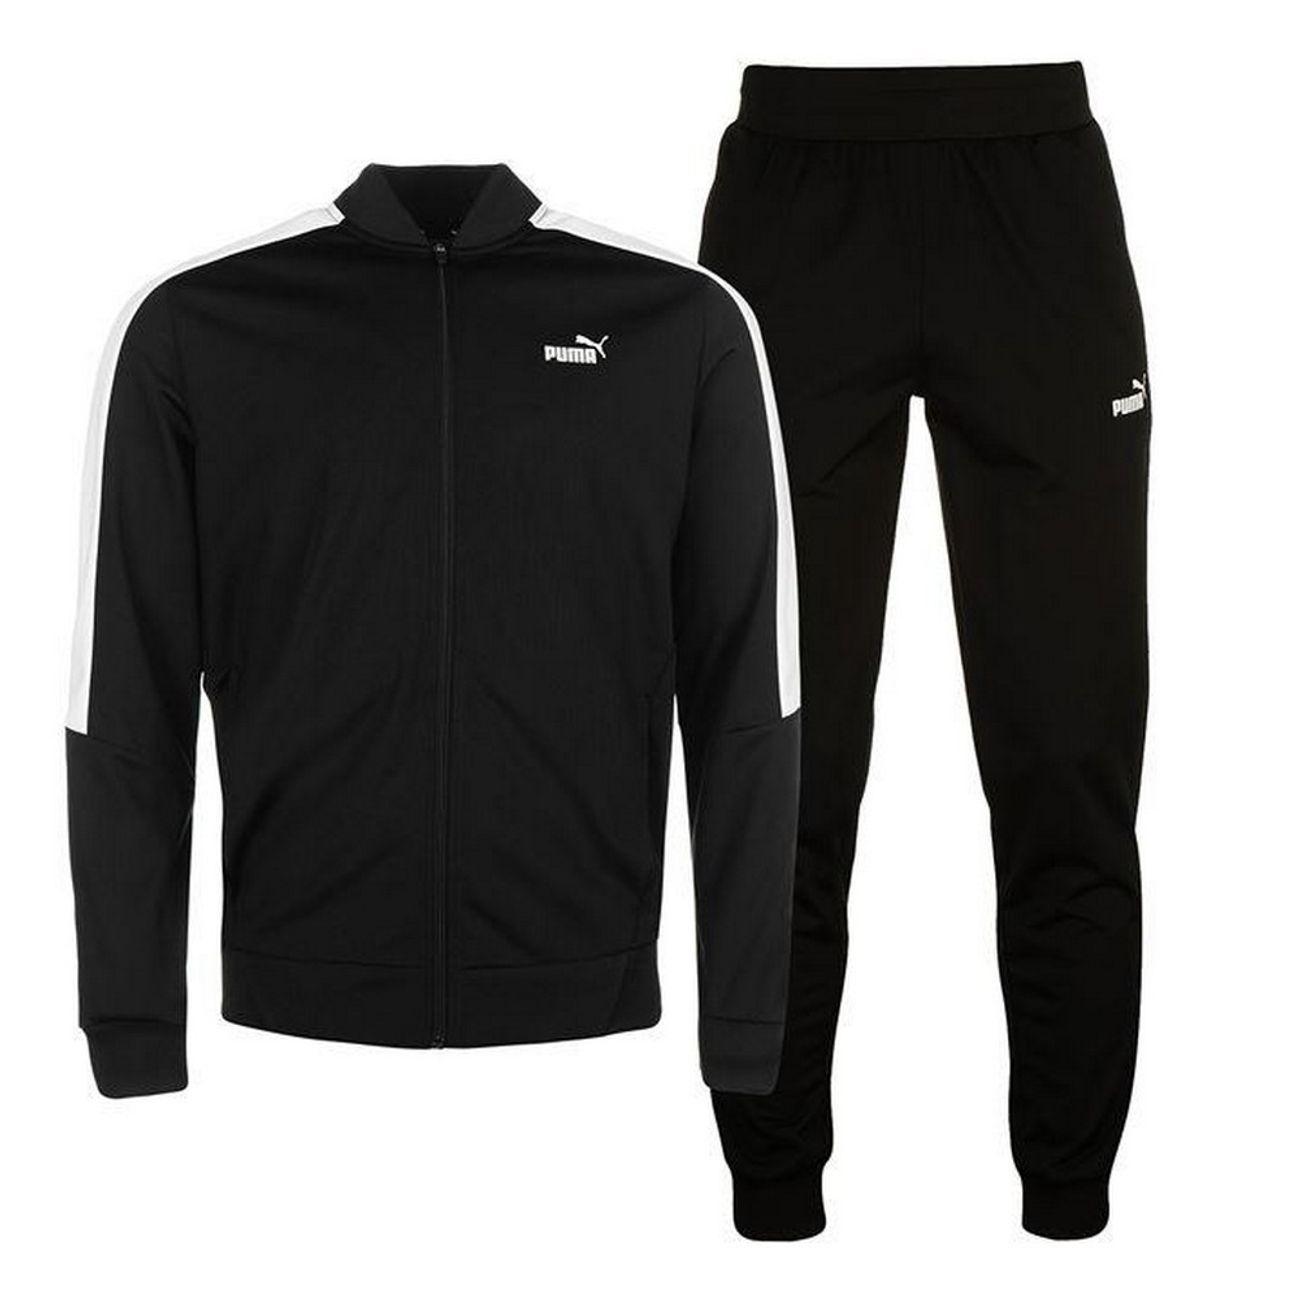 420b0b90c51d6 Jogging Homme Puma BC Black – achat et prix pas cher - Go Sport